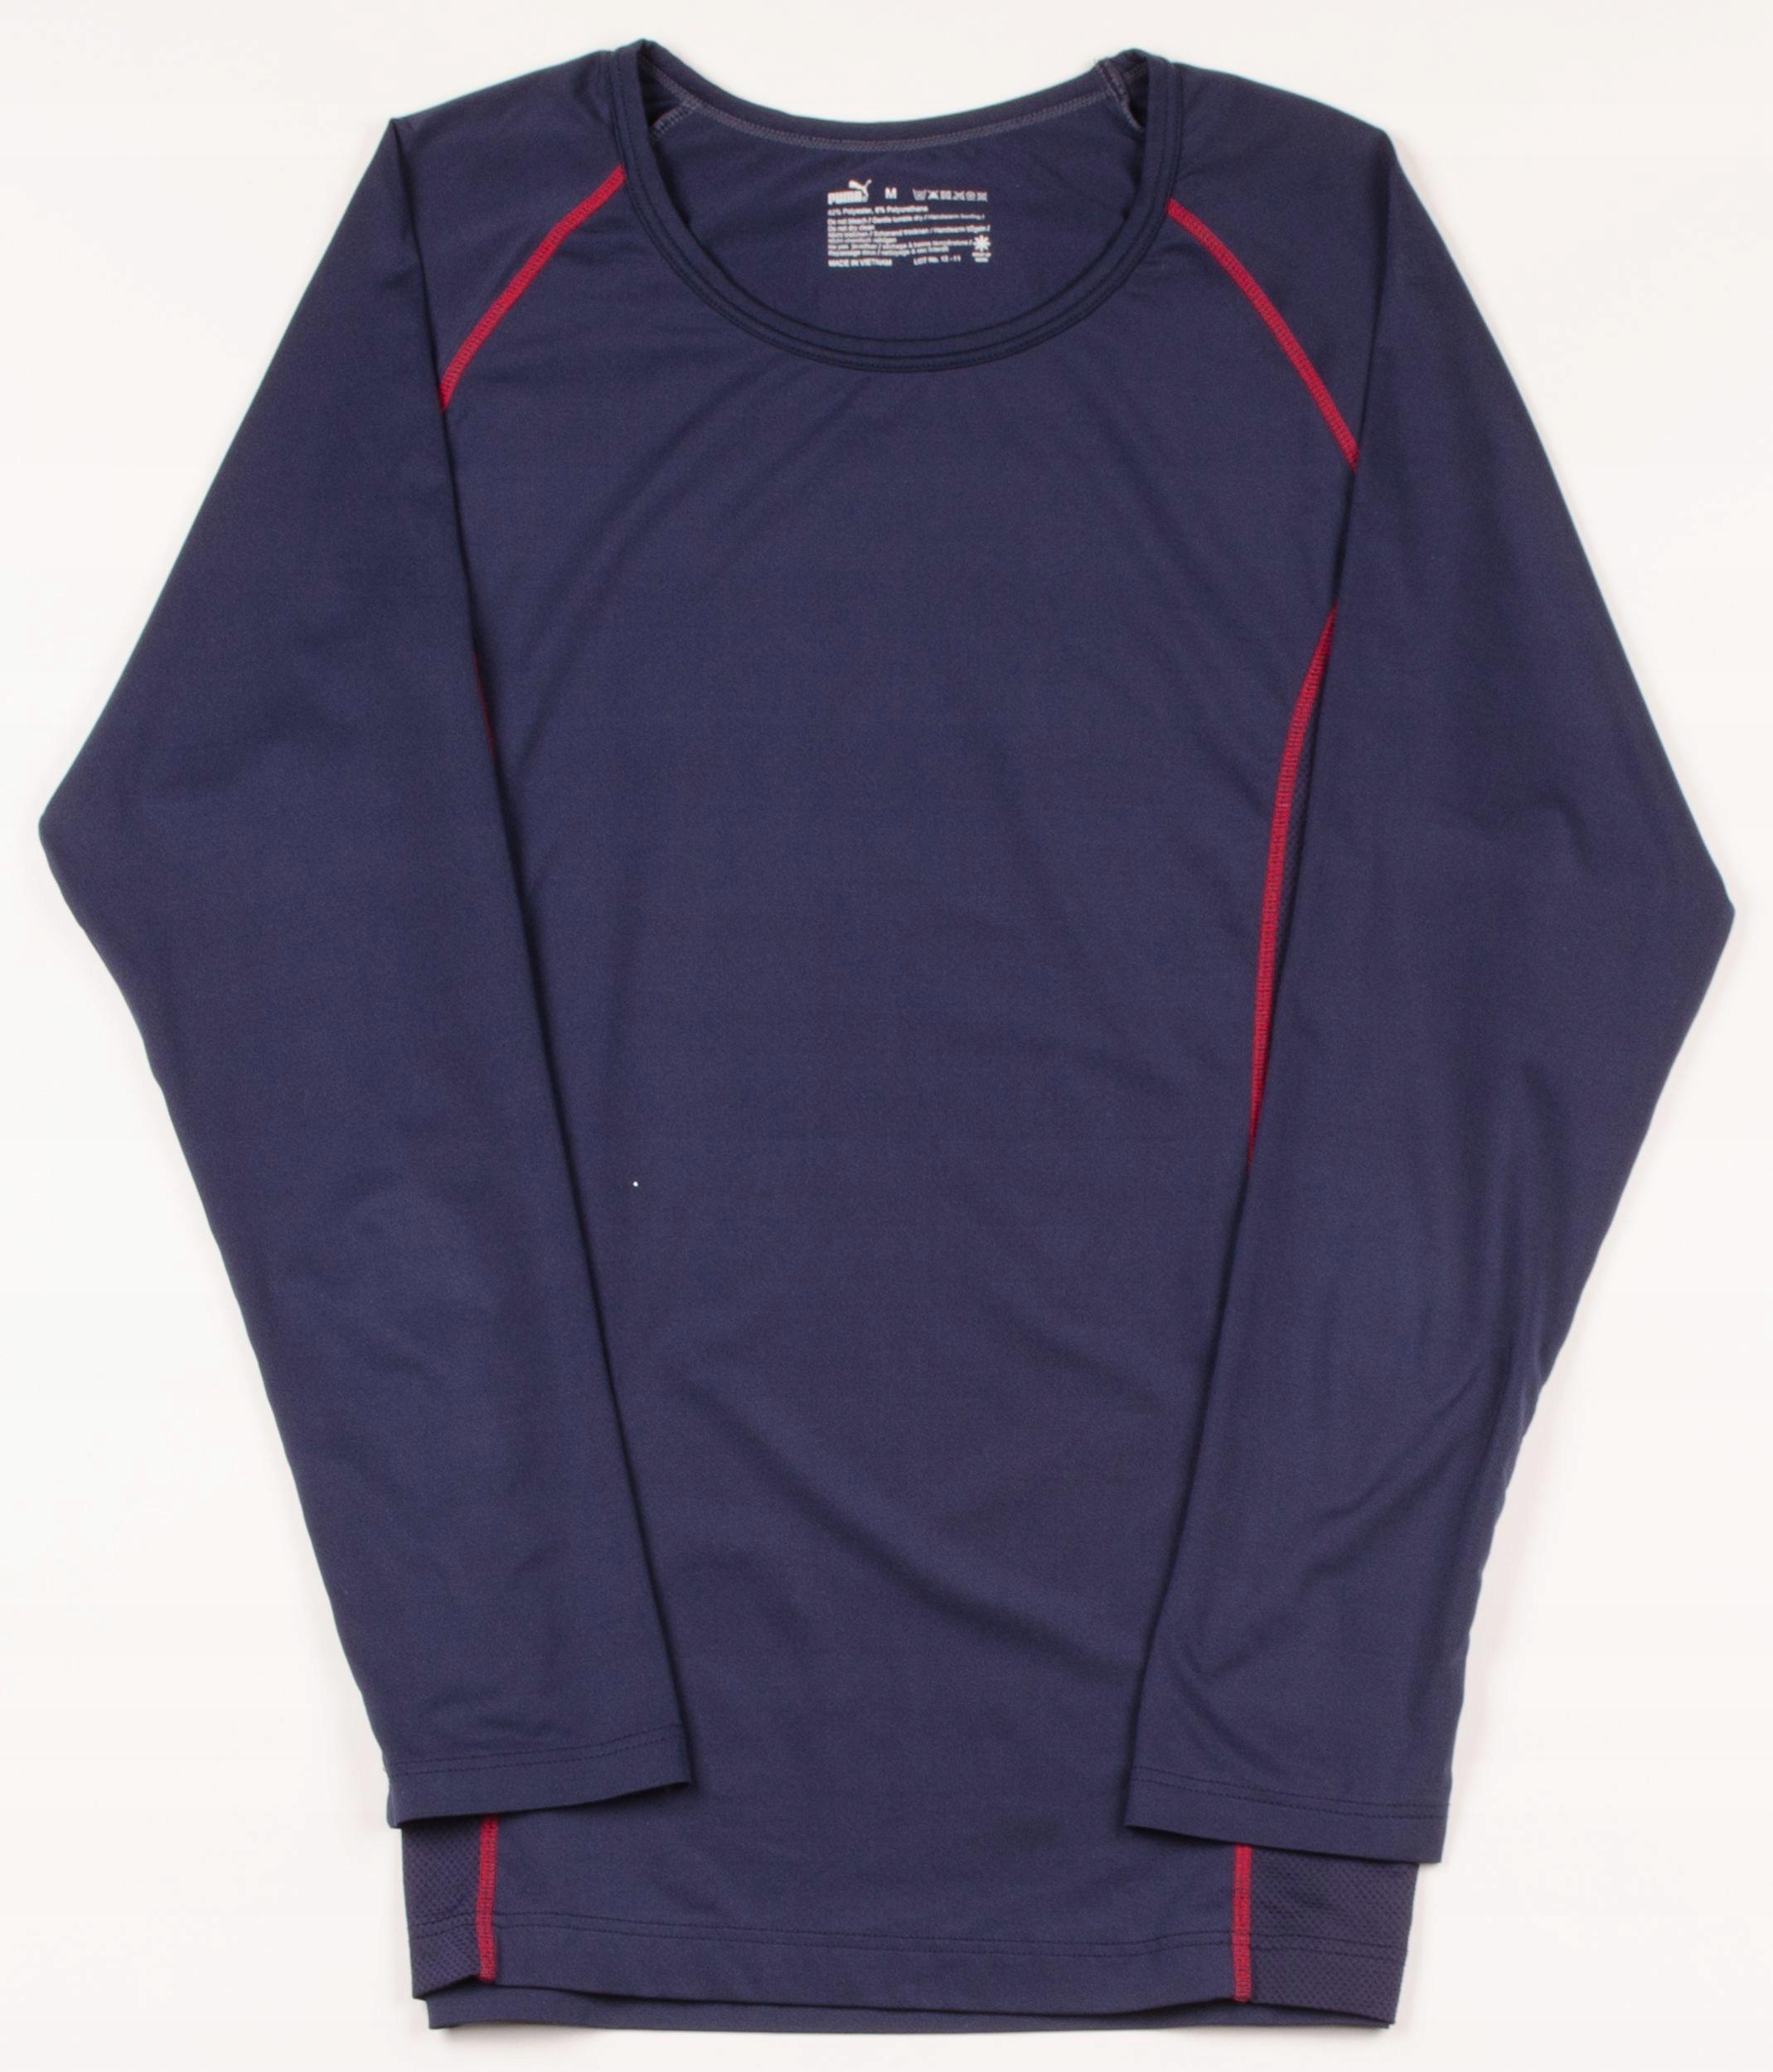 23535 Puma Koszulka Sportowa Męska M